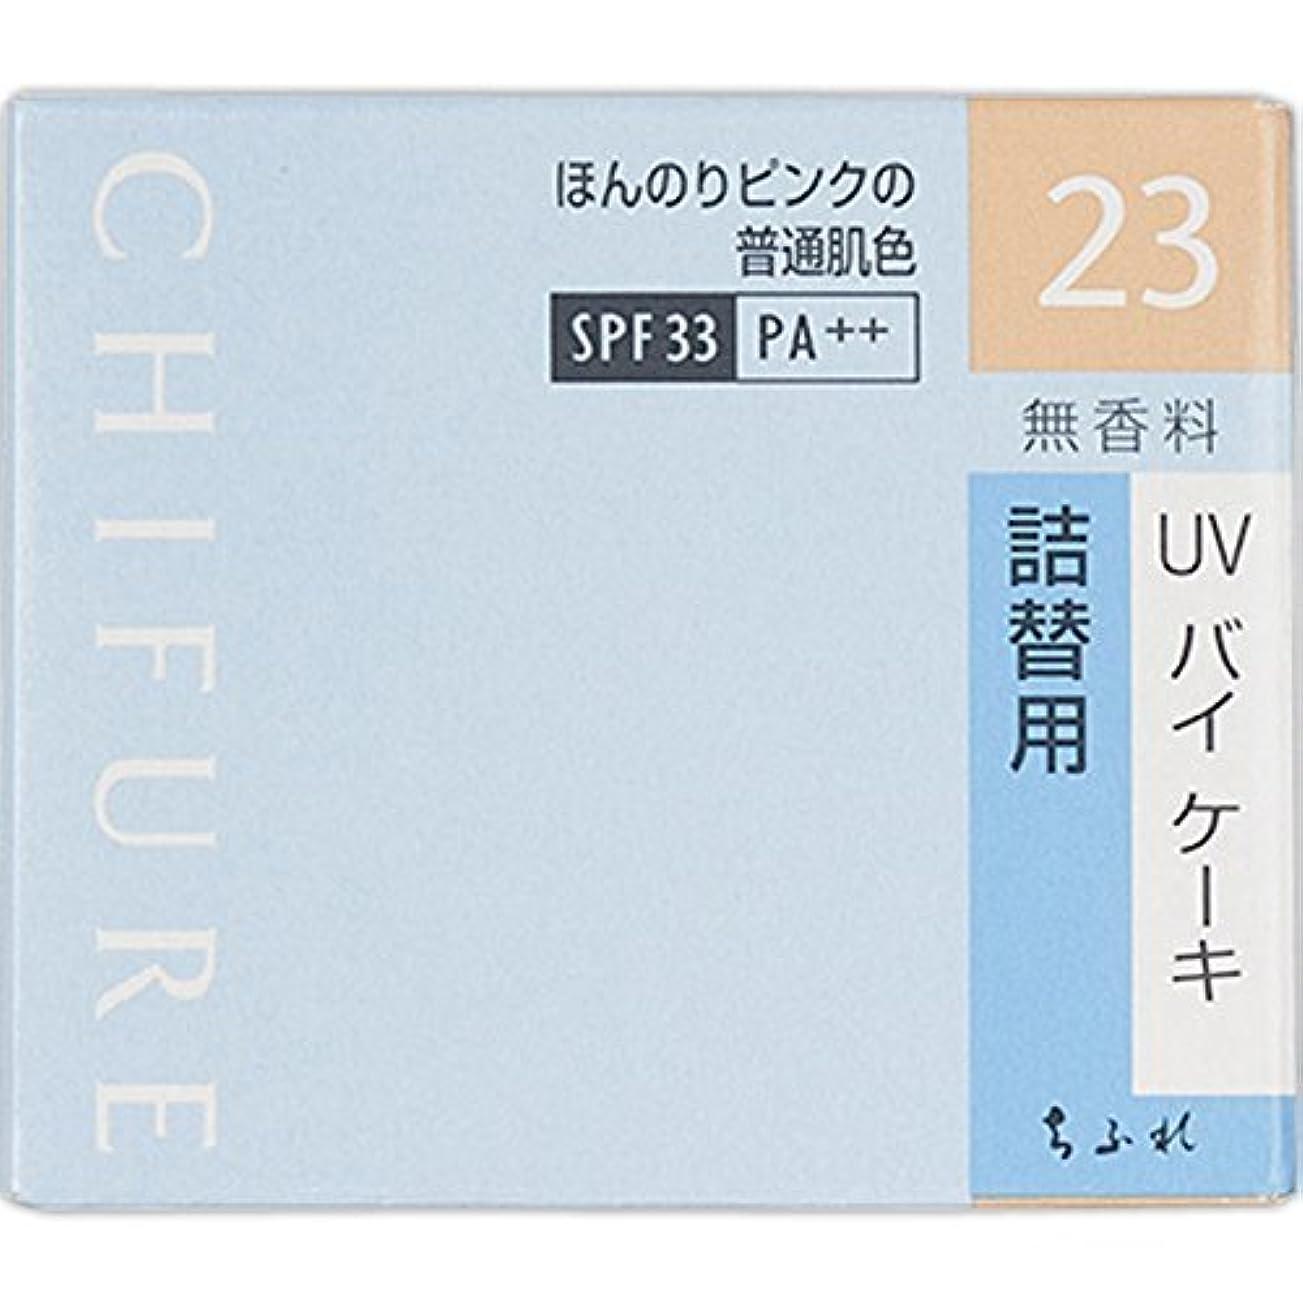 チャップ検閲バンケットちふれ化粧品 UV バイ ケーキ 詰替用 23 ほんのりピンク普通肌色 14g